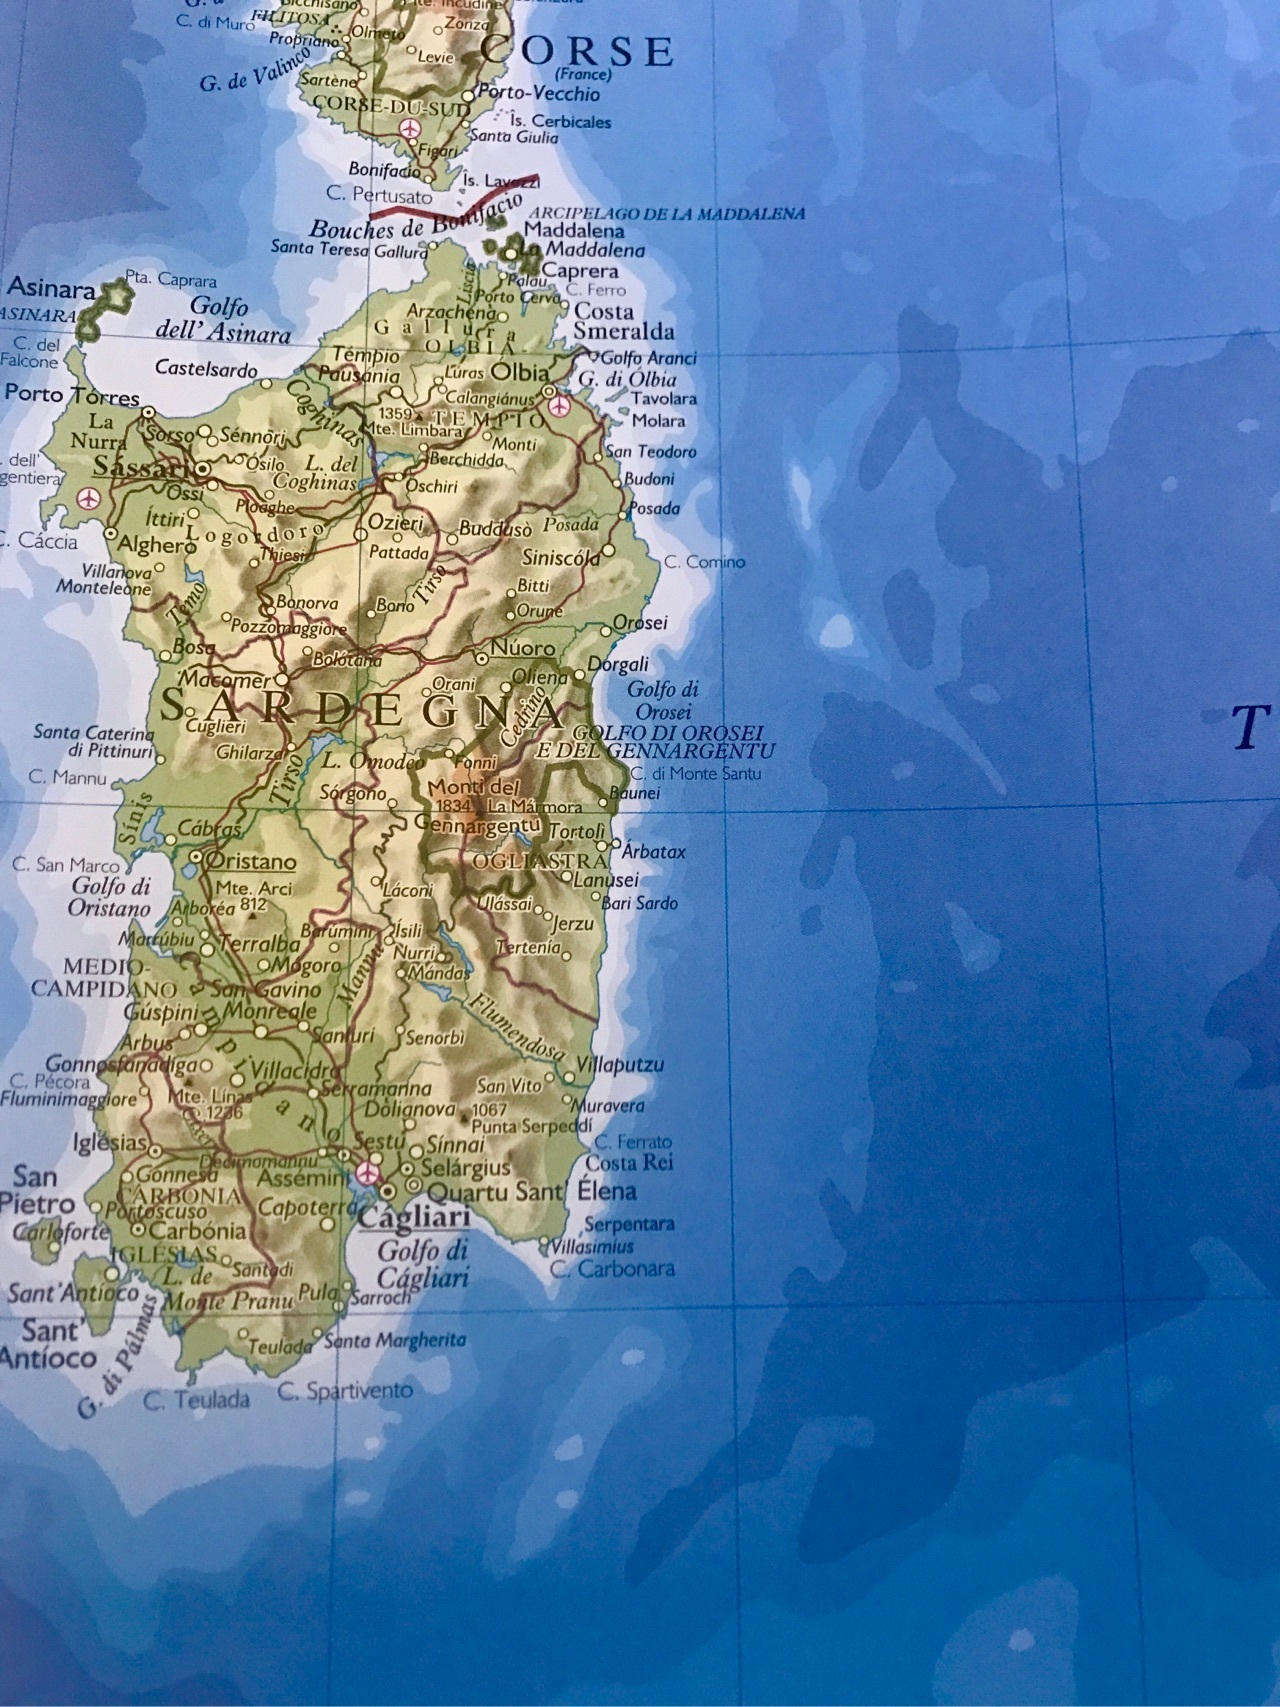 世界 地图 打印 版